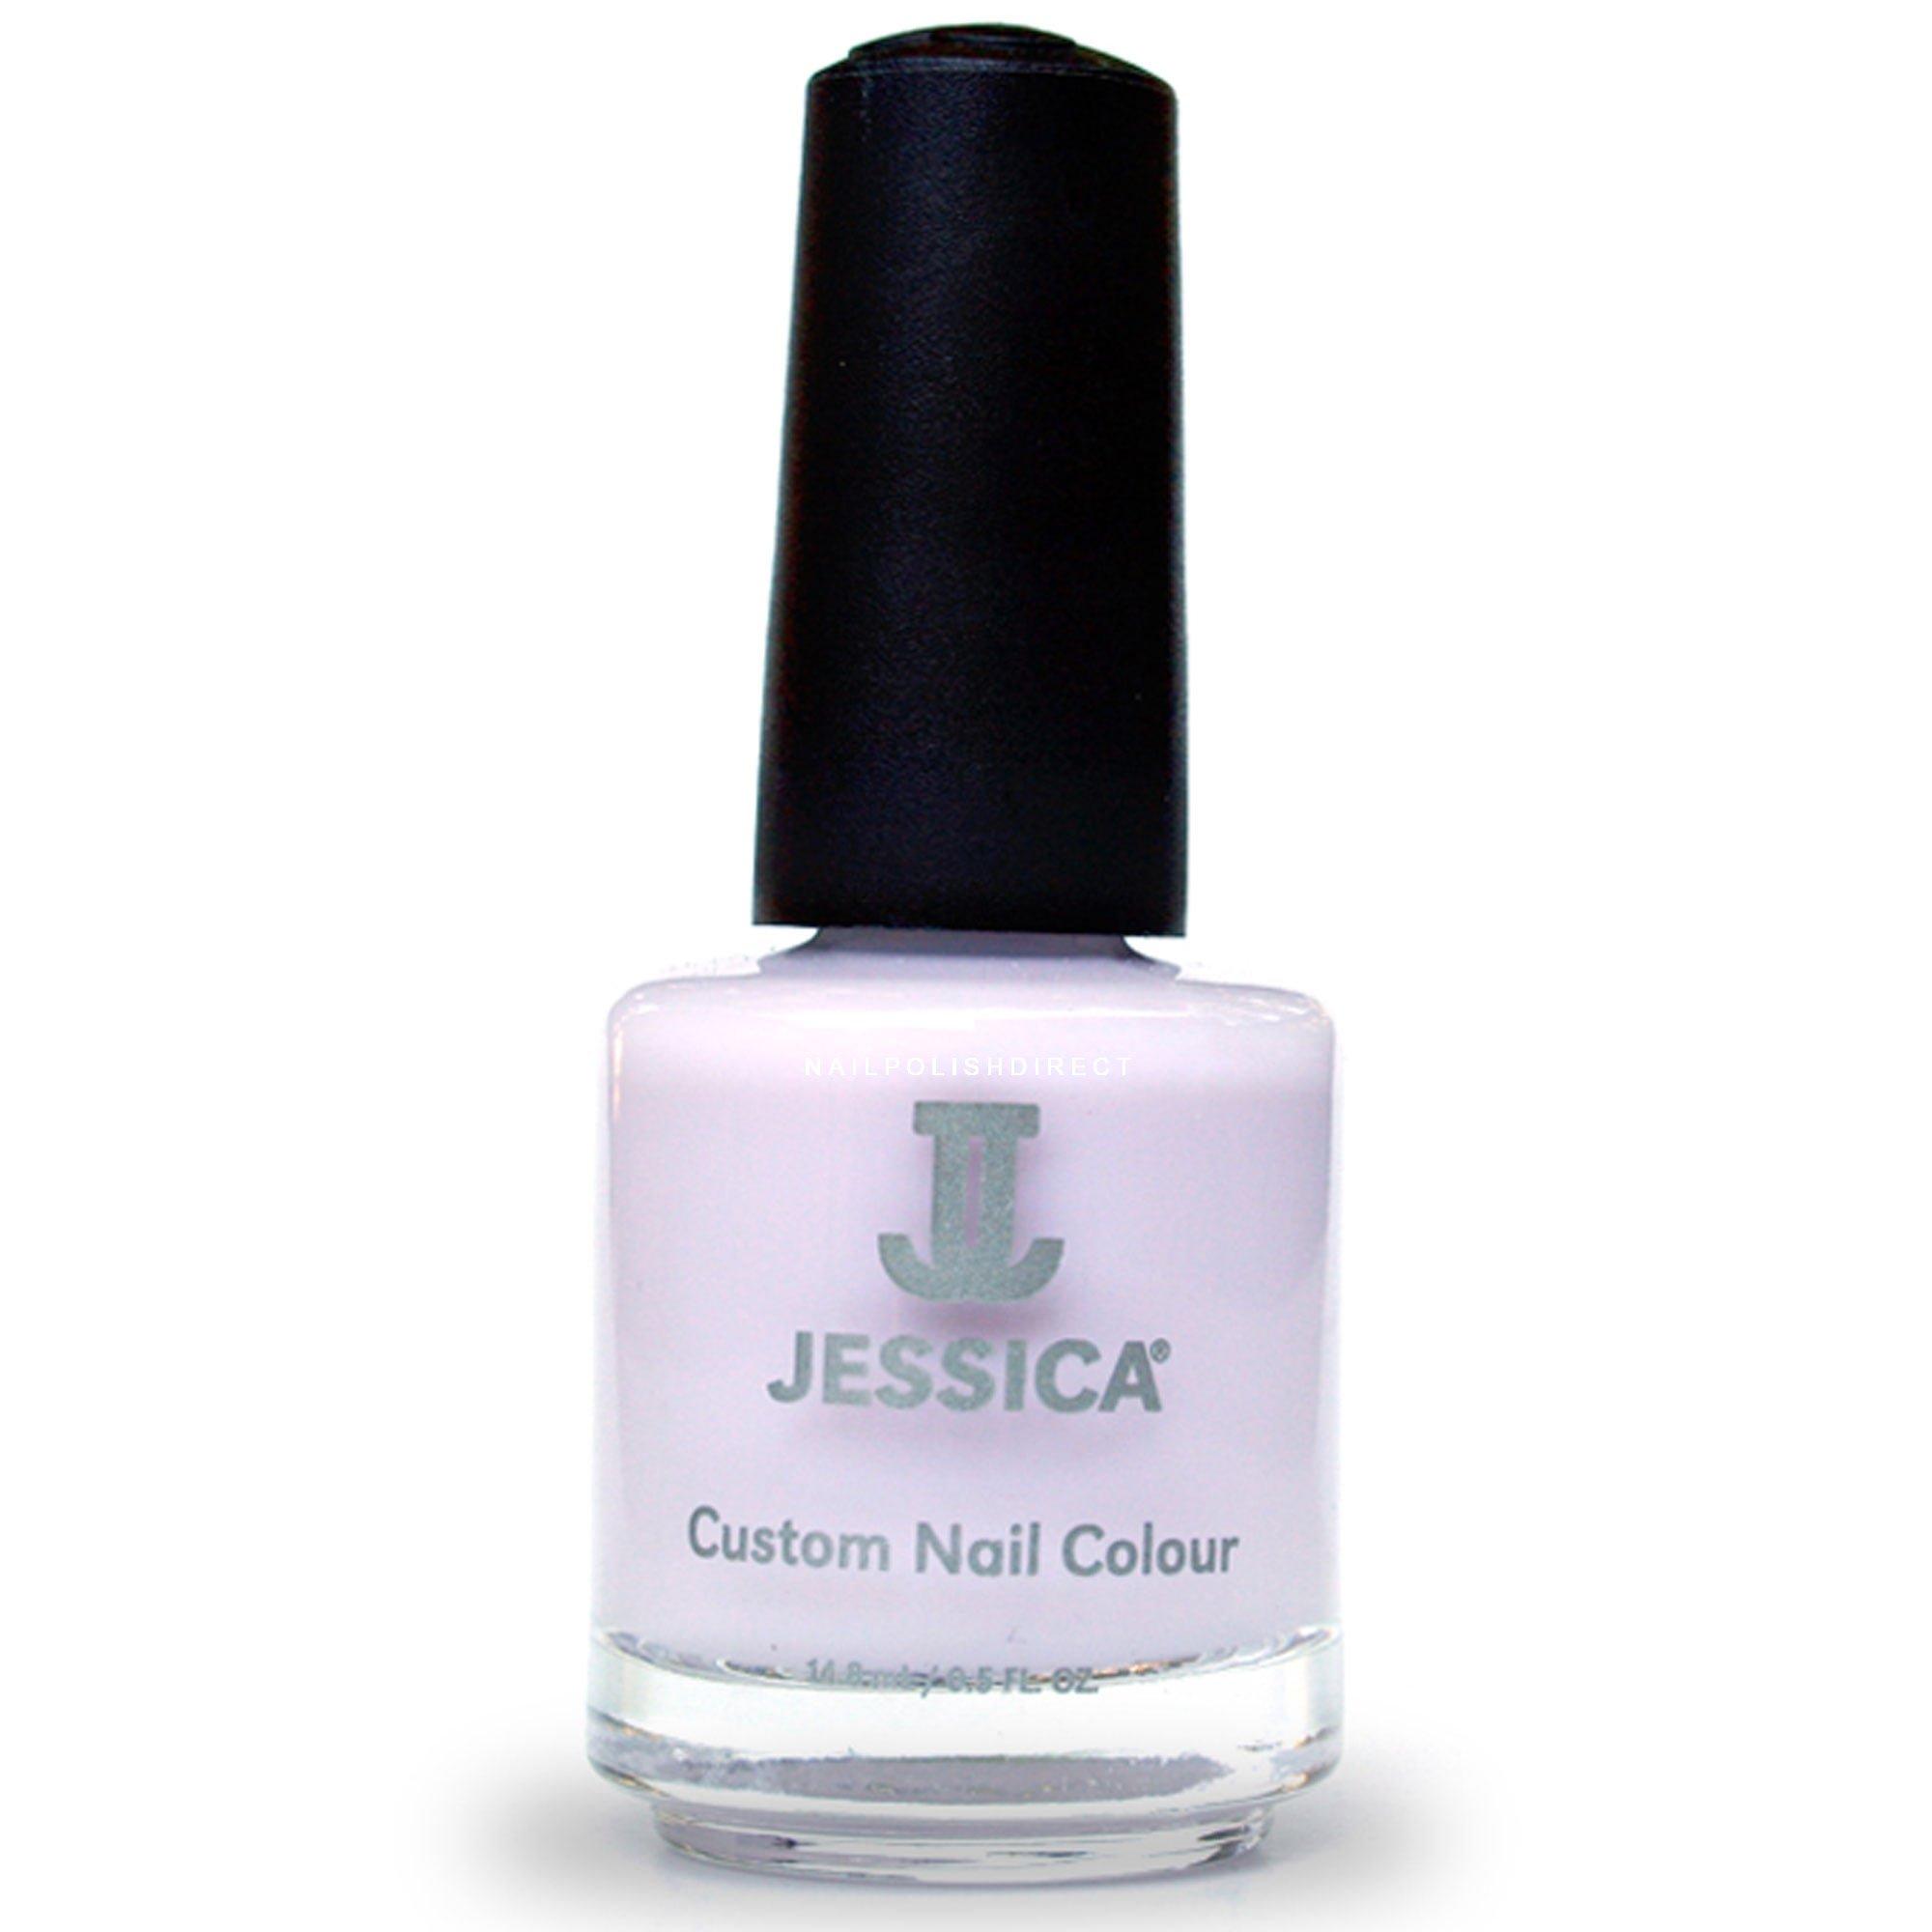 Jessica I Do (558) Nail Polish is available at Nail Polish Direct